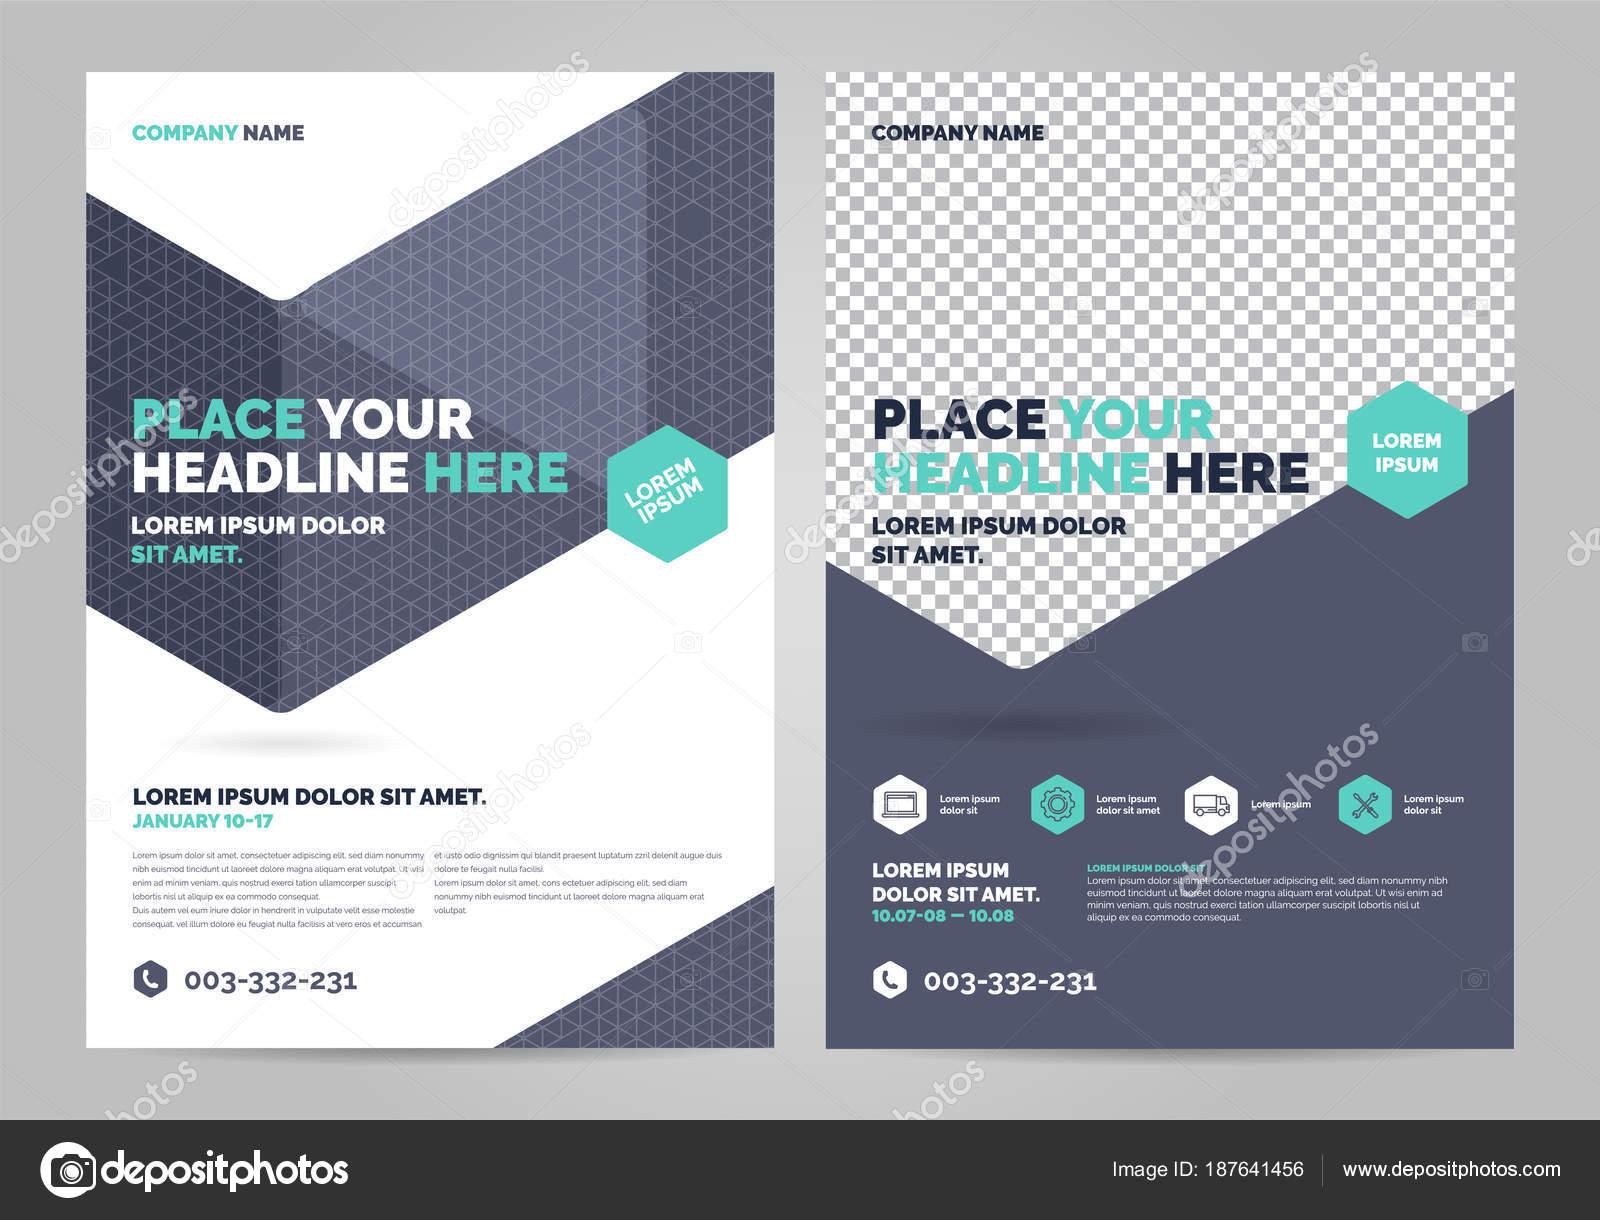 Diseño de plantillas de diseño de folleto — Archivo Imágenes ...